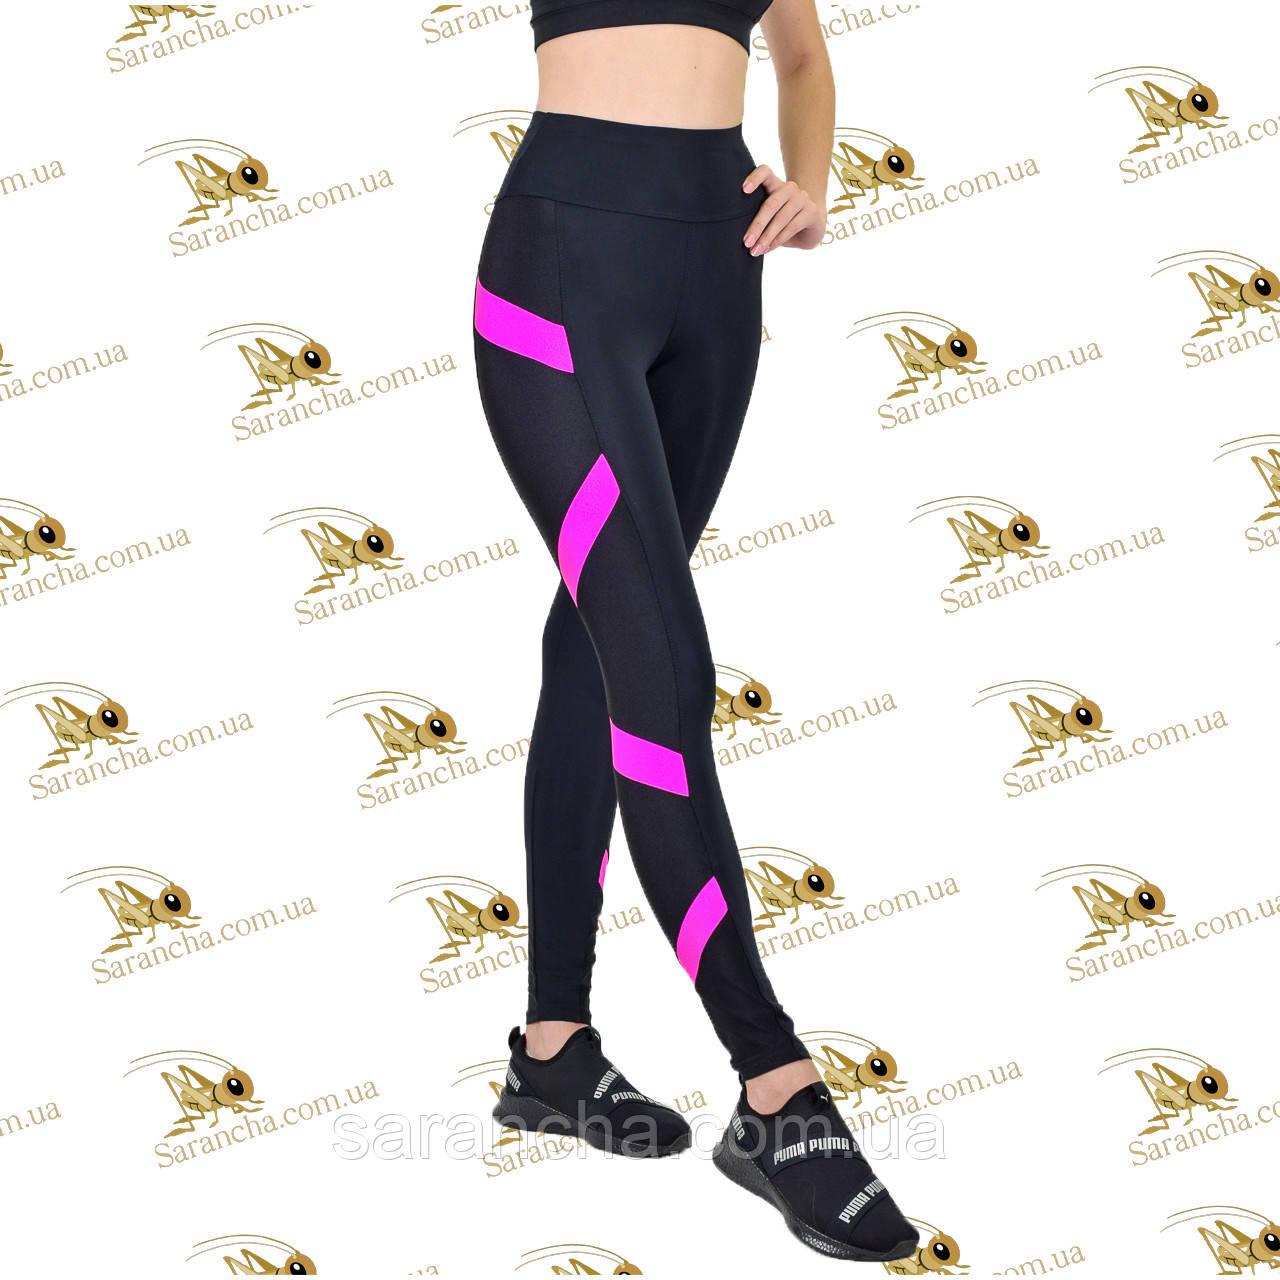 Женские спортивные черные лосины с ярко-розовыми вставками